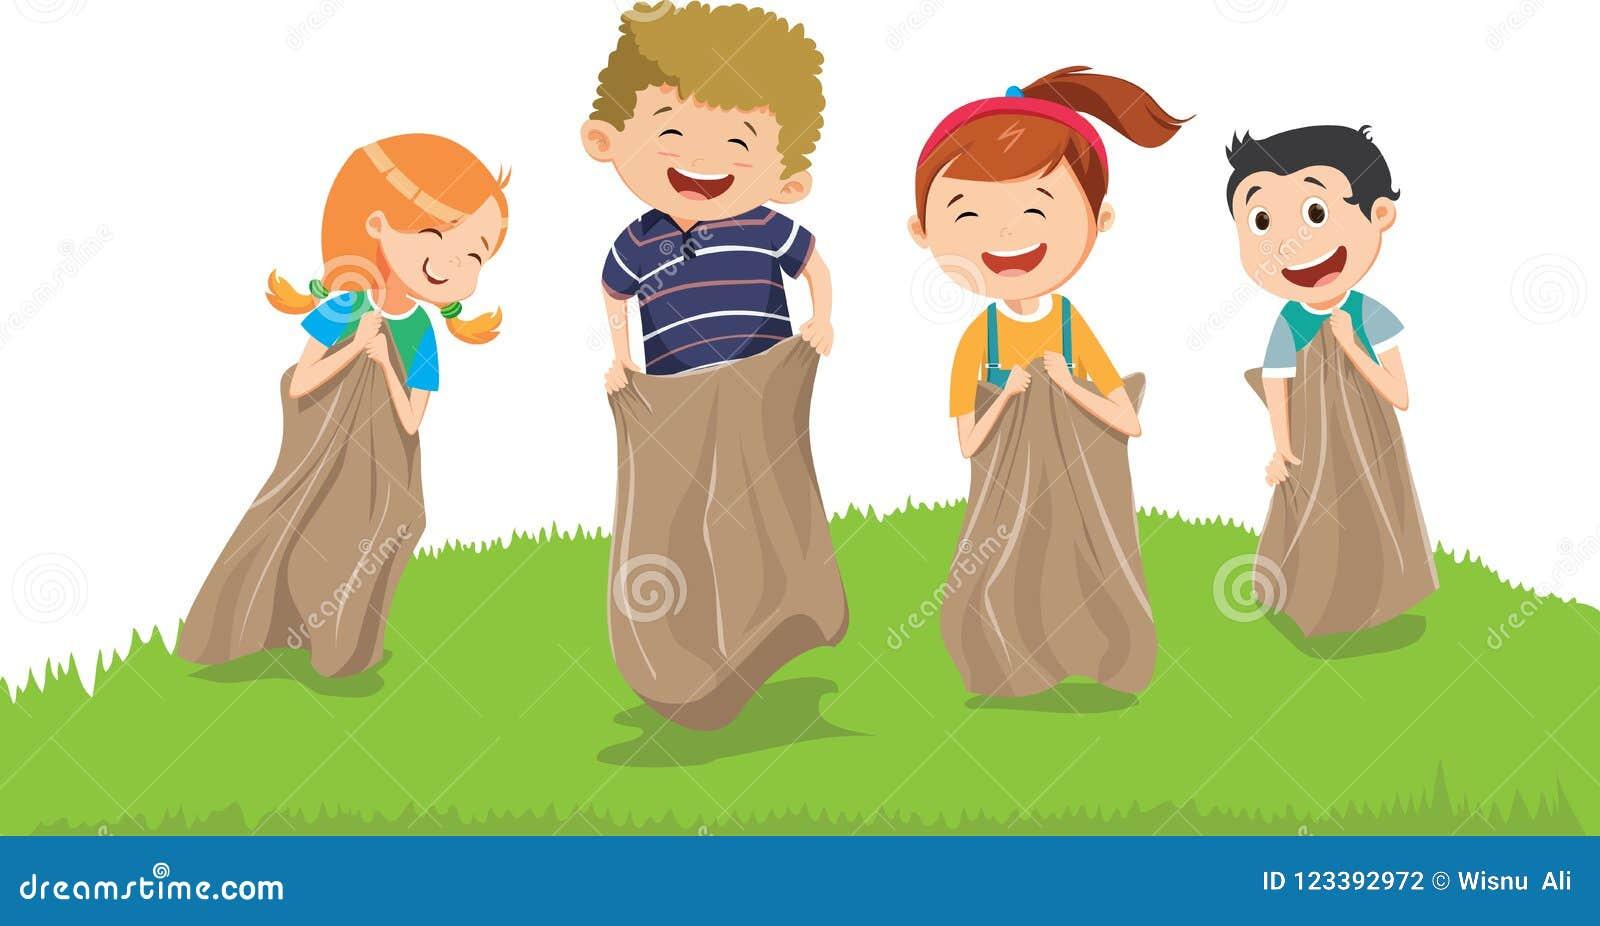 Απεικόνιση των παιδιών που έχουν τη διασκέδαση με τους σάκους σε ένα λιβάδι